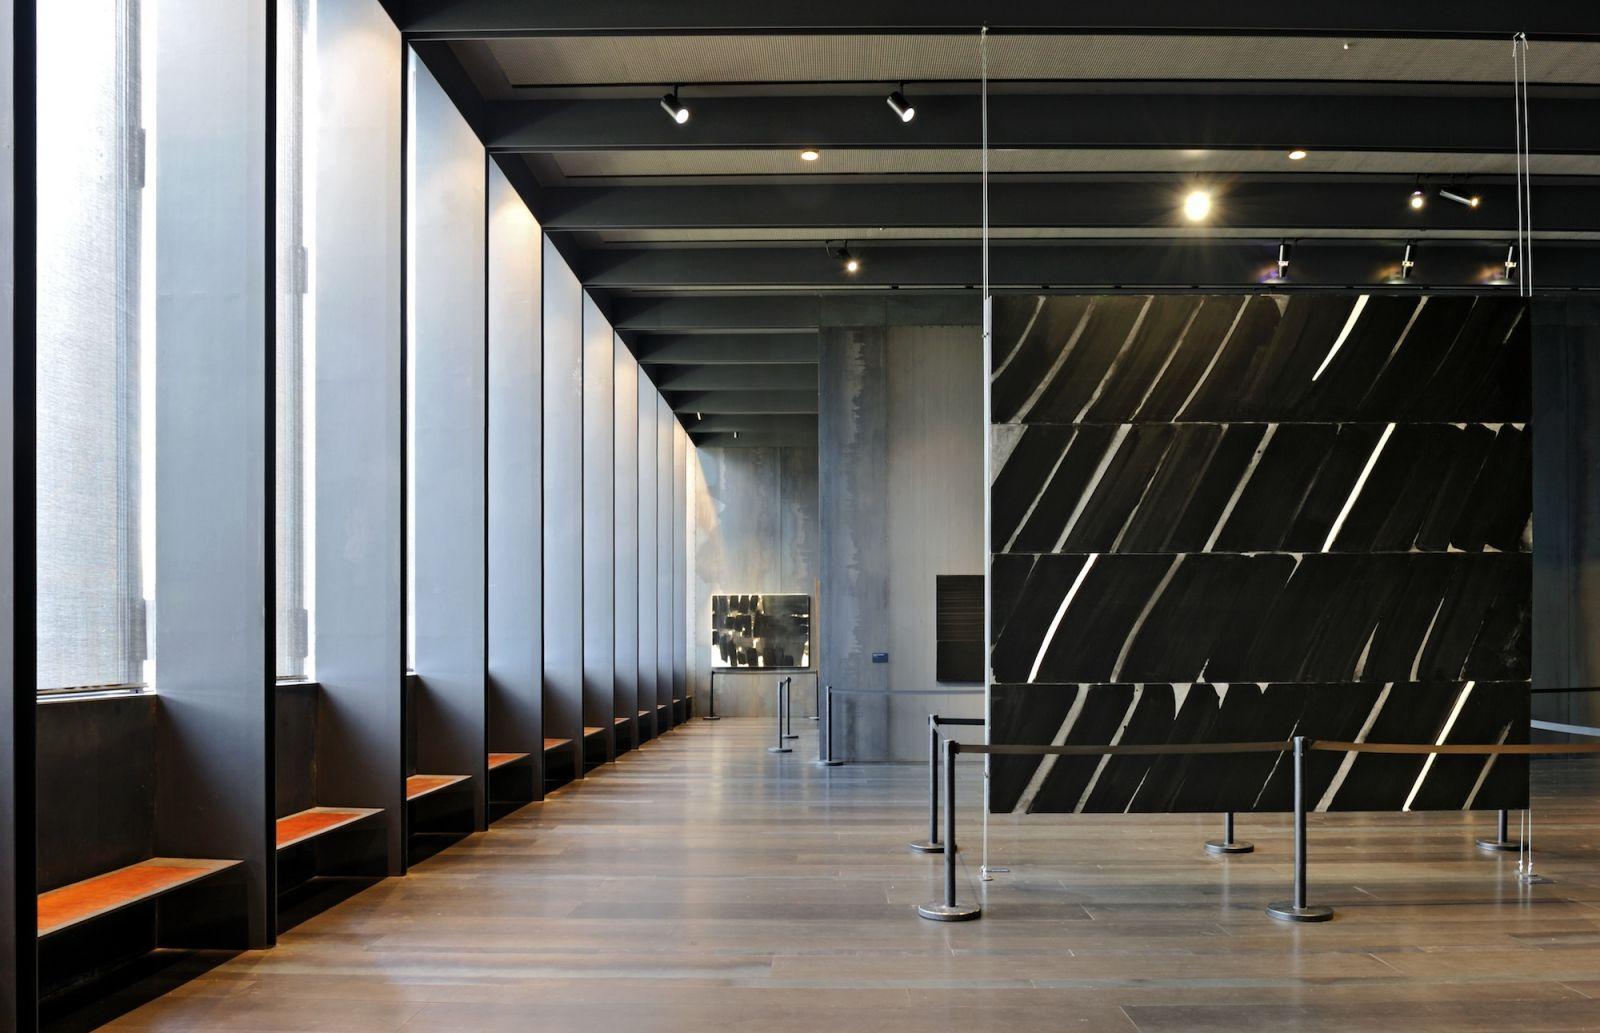 Décoratrice D Intérieur Rodez musee soulages interieur 004 (1600×1033) | soulages